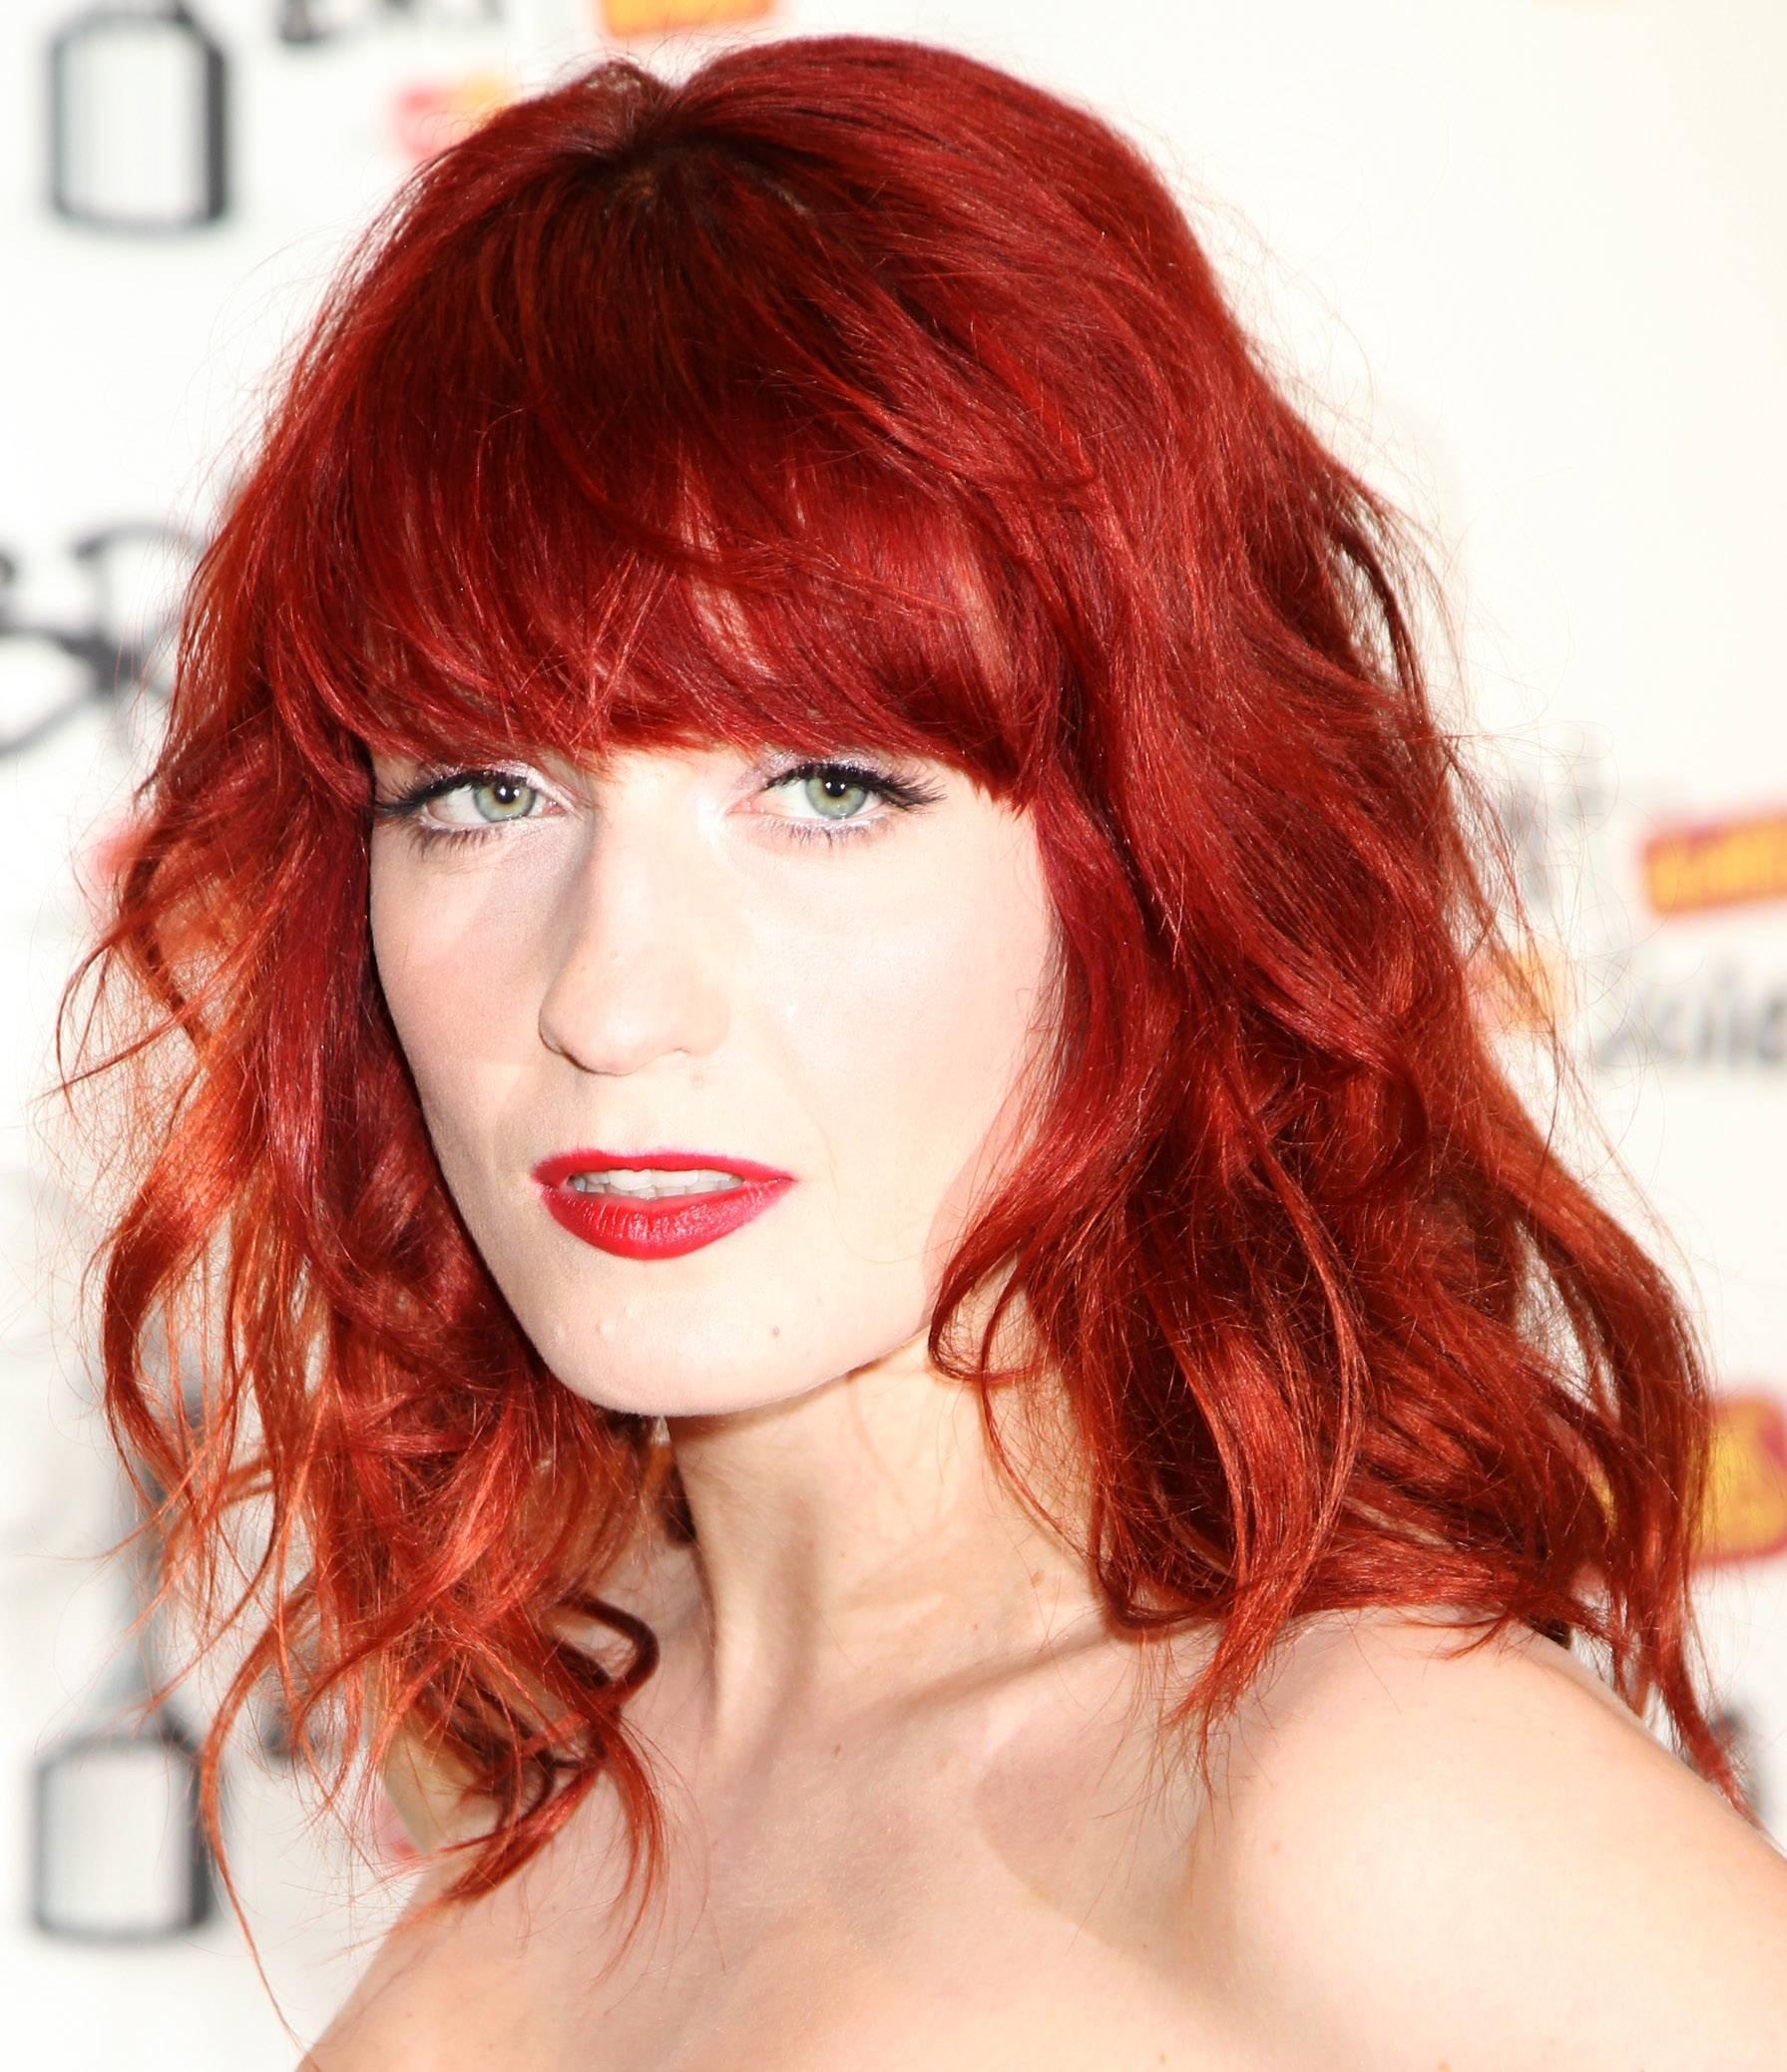 Couleur de cheveux roux rouge